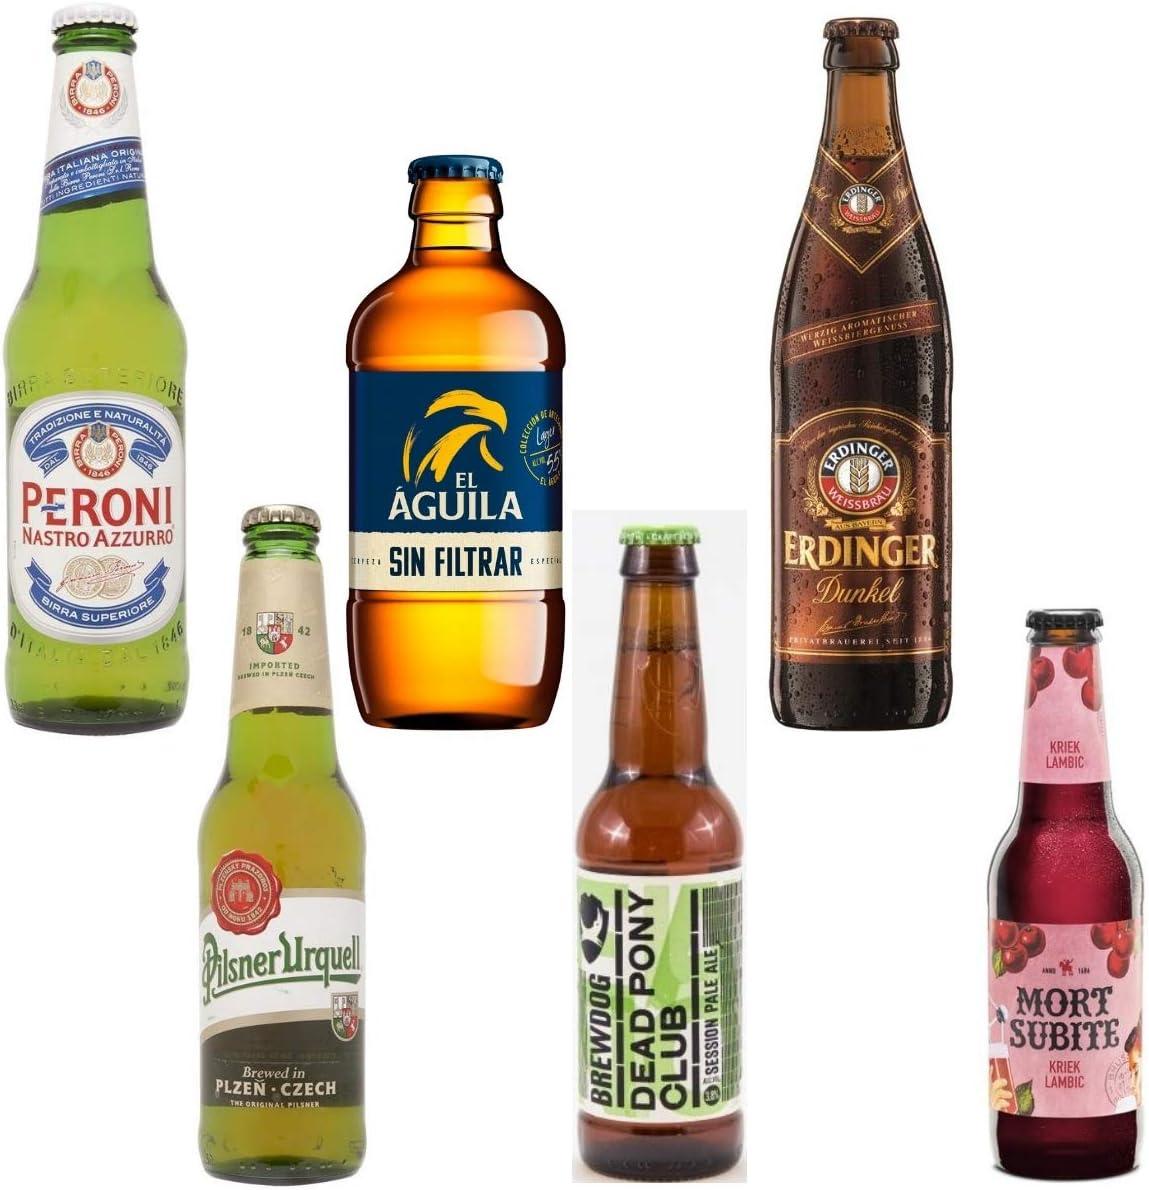 Pack de Cervezas Originales Italiana Peroni 33cl - Pilsner Urquell 33cl - El Aguila Sin Filtrar 33cl - Brewdog Dead Pony Club 33cl - Erdinger Dunkel 50cl - Mort Subite 25cl